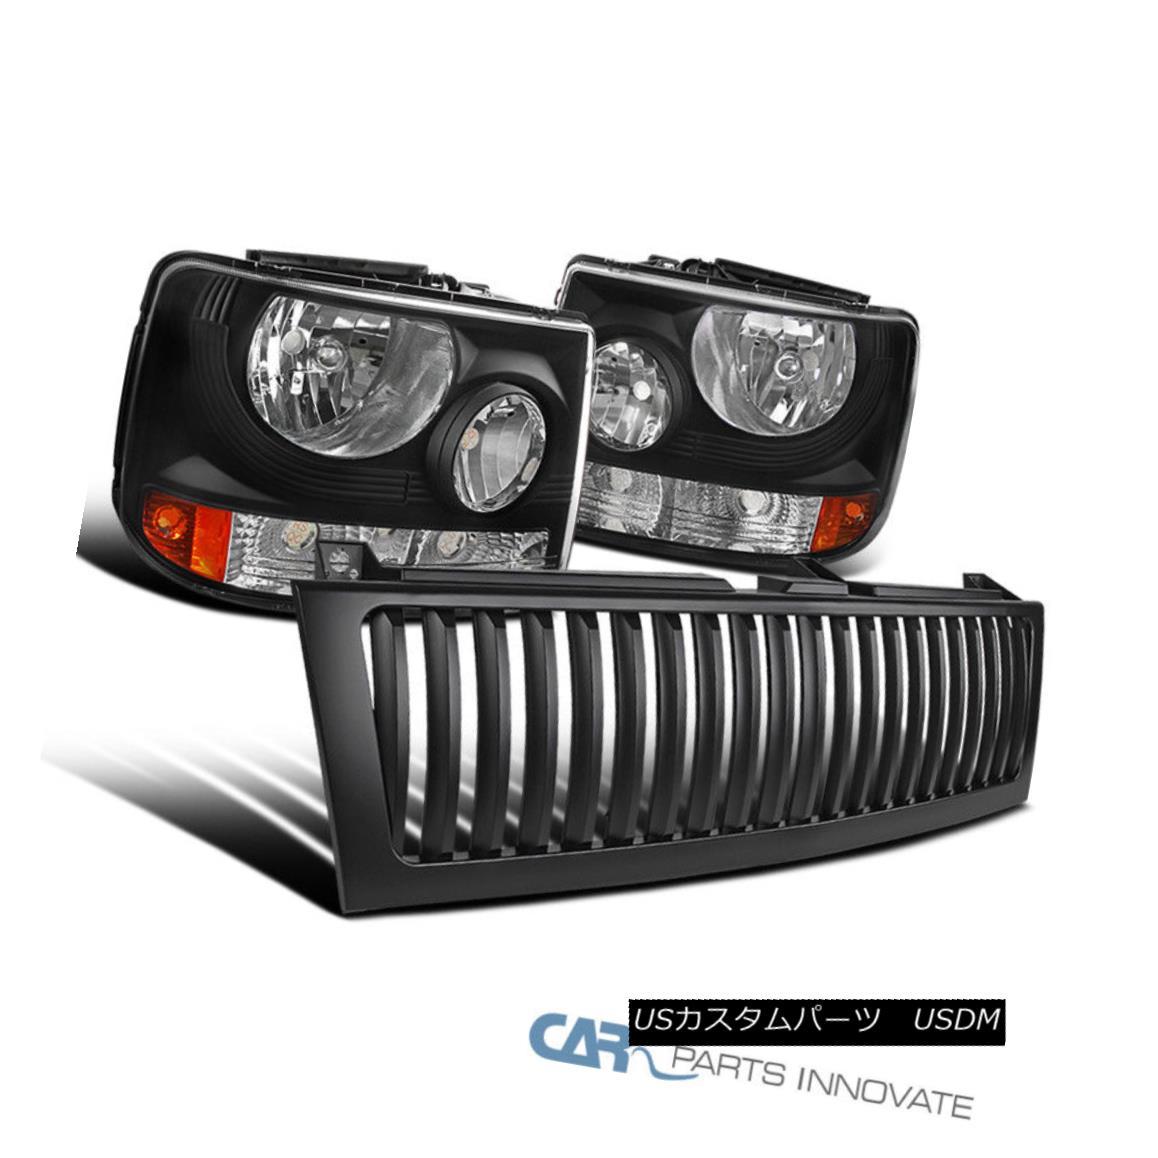 グリル Chevy 99-02 Silverado 00-06 Tahoe 2in1 Black Headlights Bumper Lamps+Hood Grille シボレー99-02シルバラード00-06タホ2in1ブラックヘッドライトバンパーランプ+フードグリル